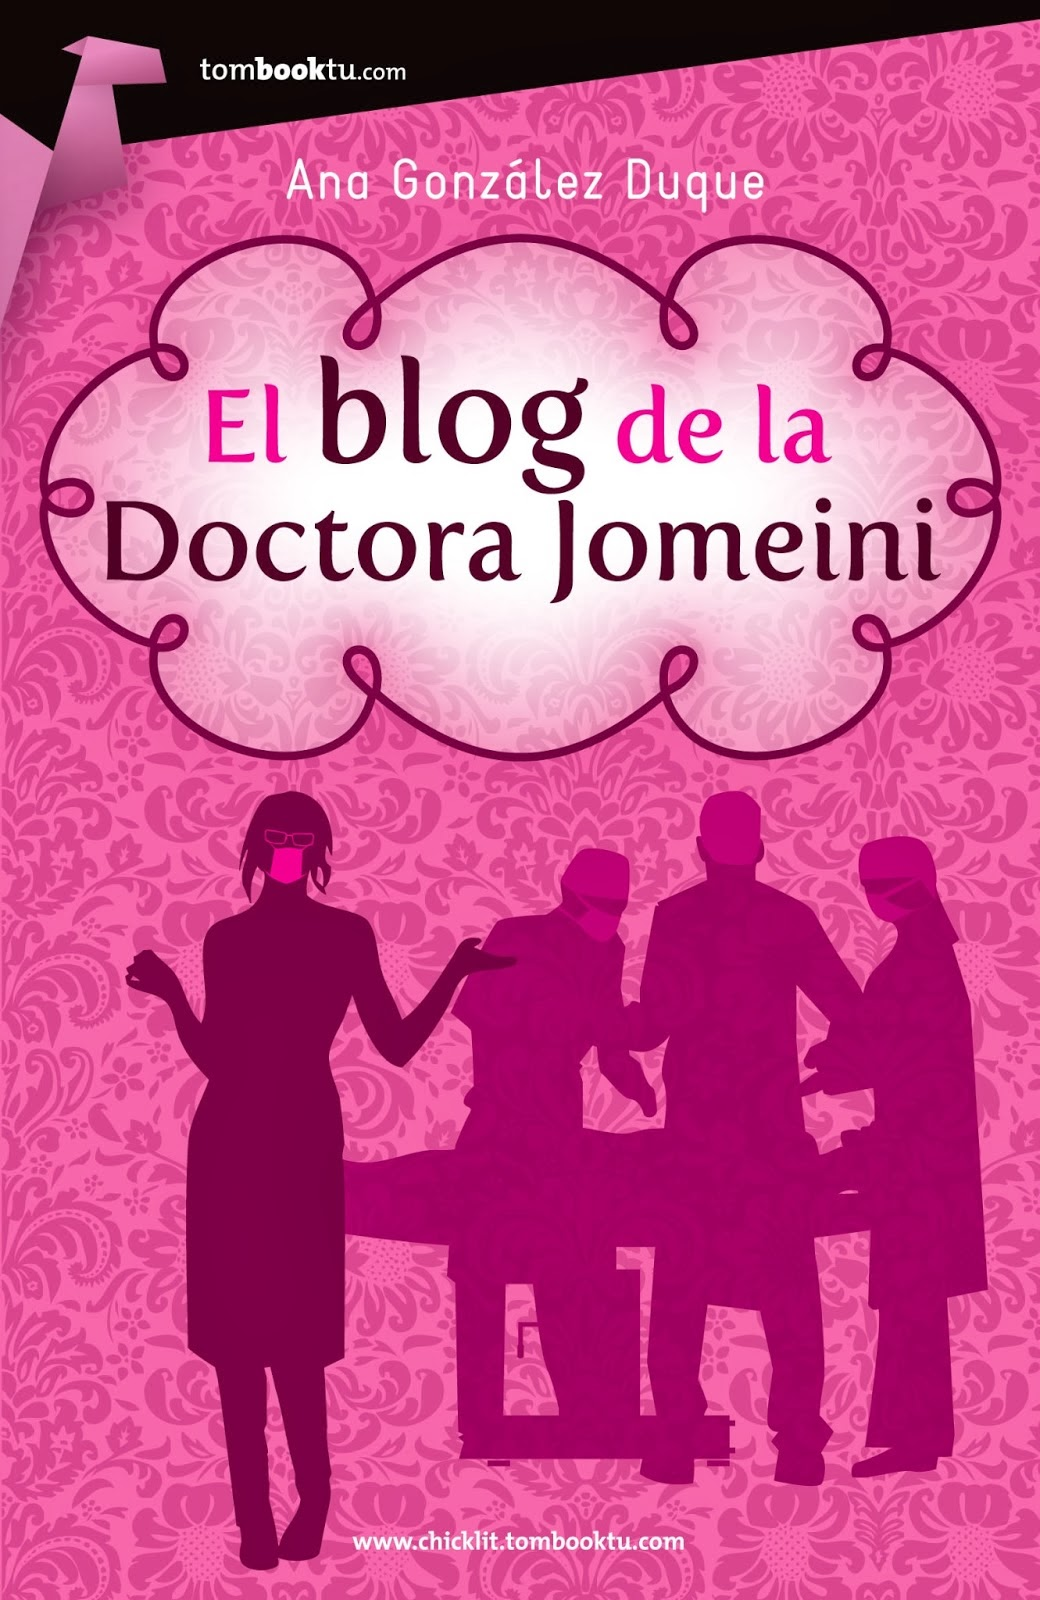 El blog de la Doctora Jomeini (R1)